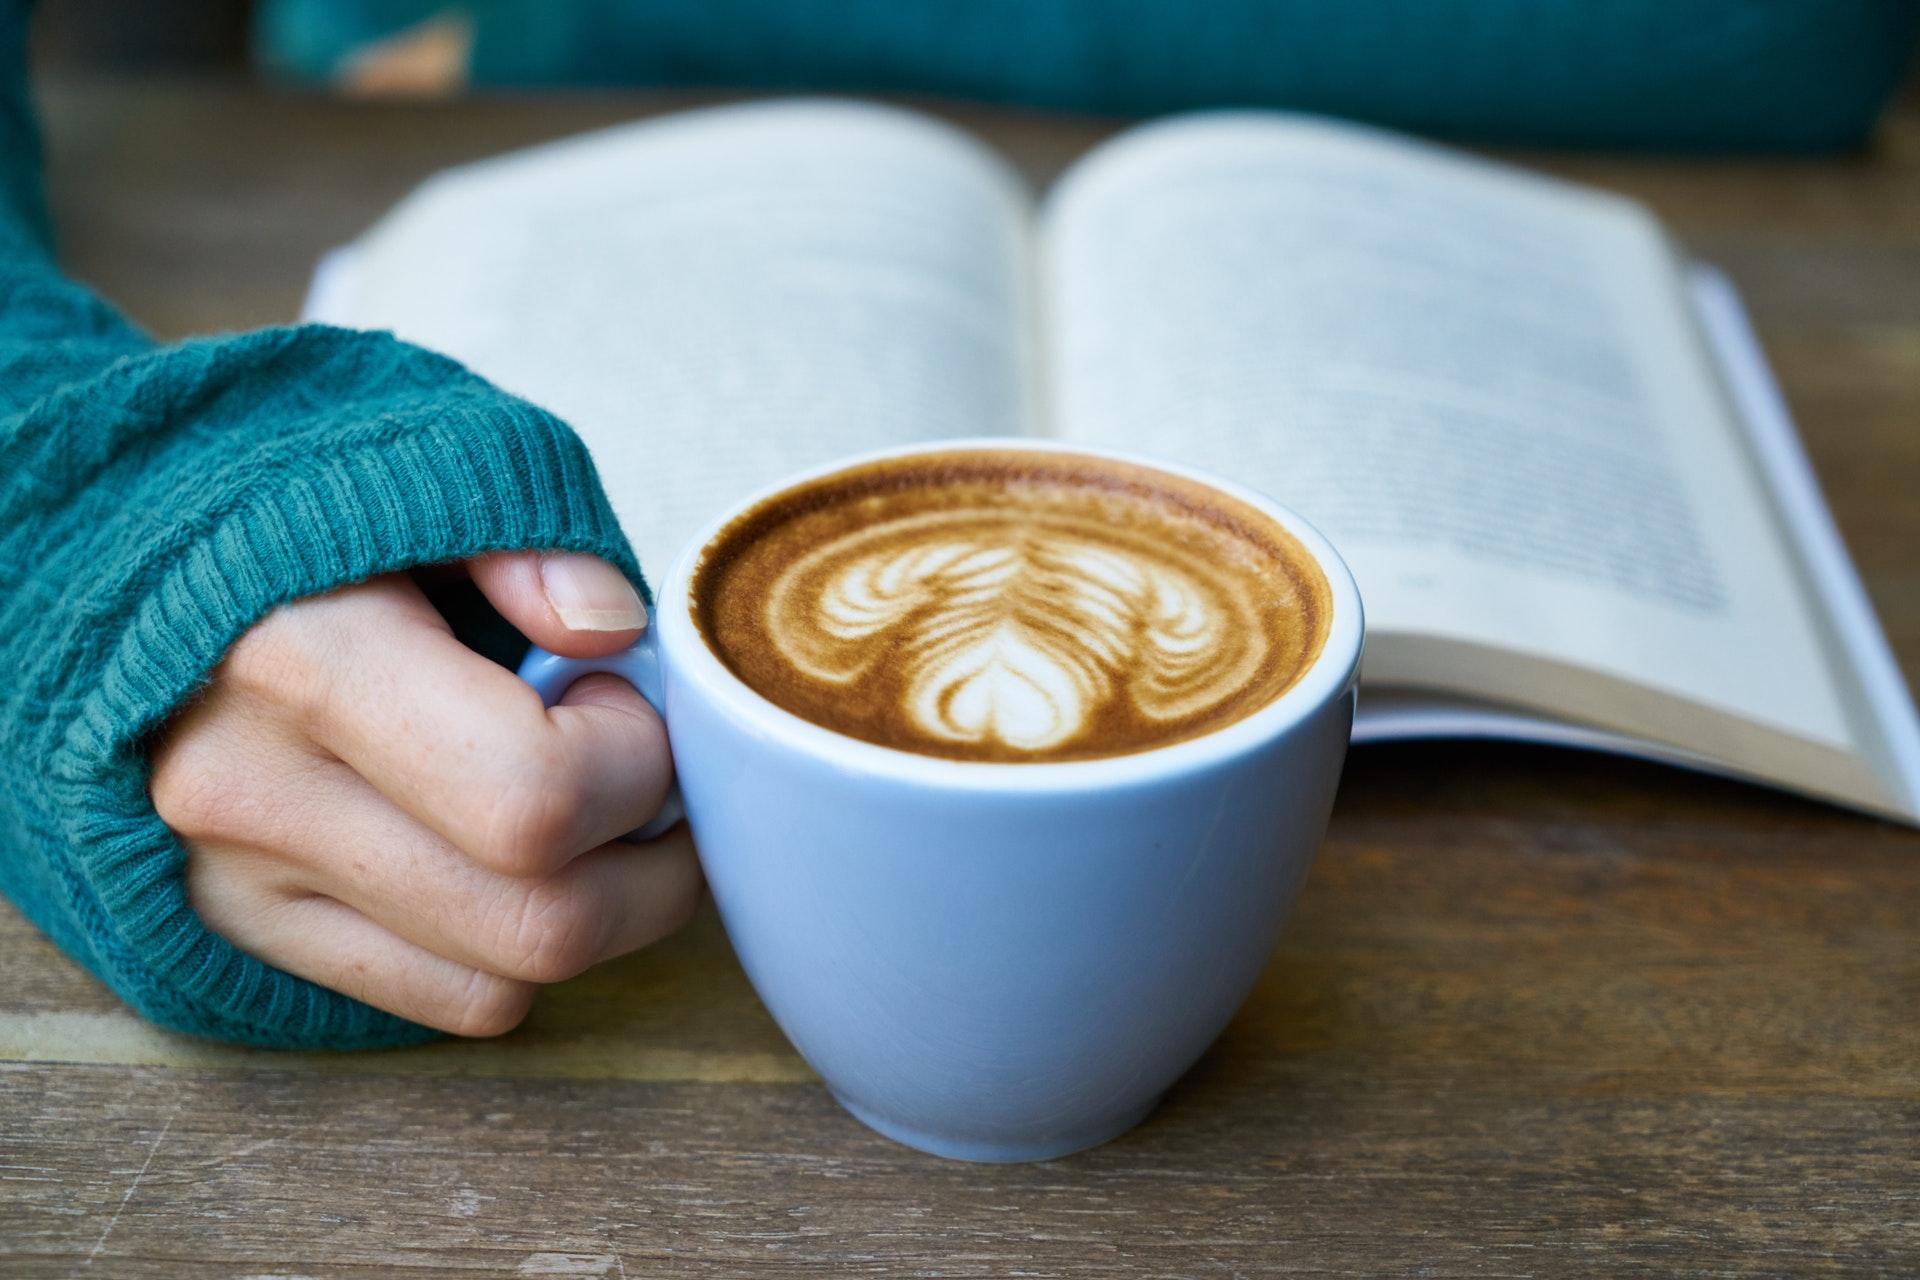 Zbog čega istu knjigu čitamo na različite načine?